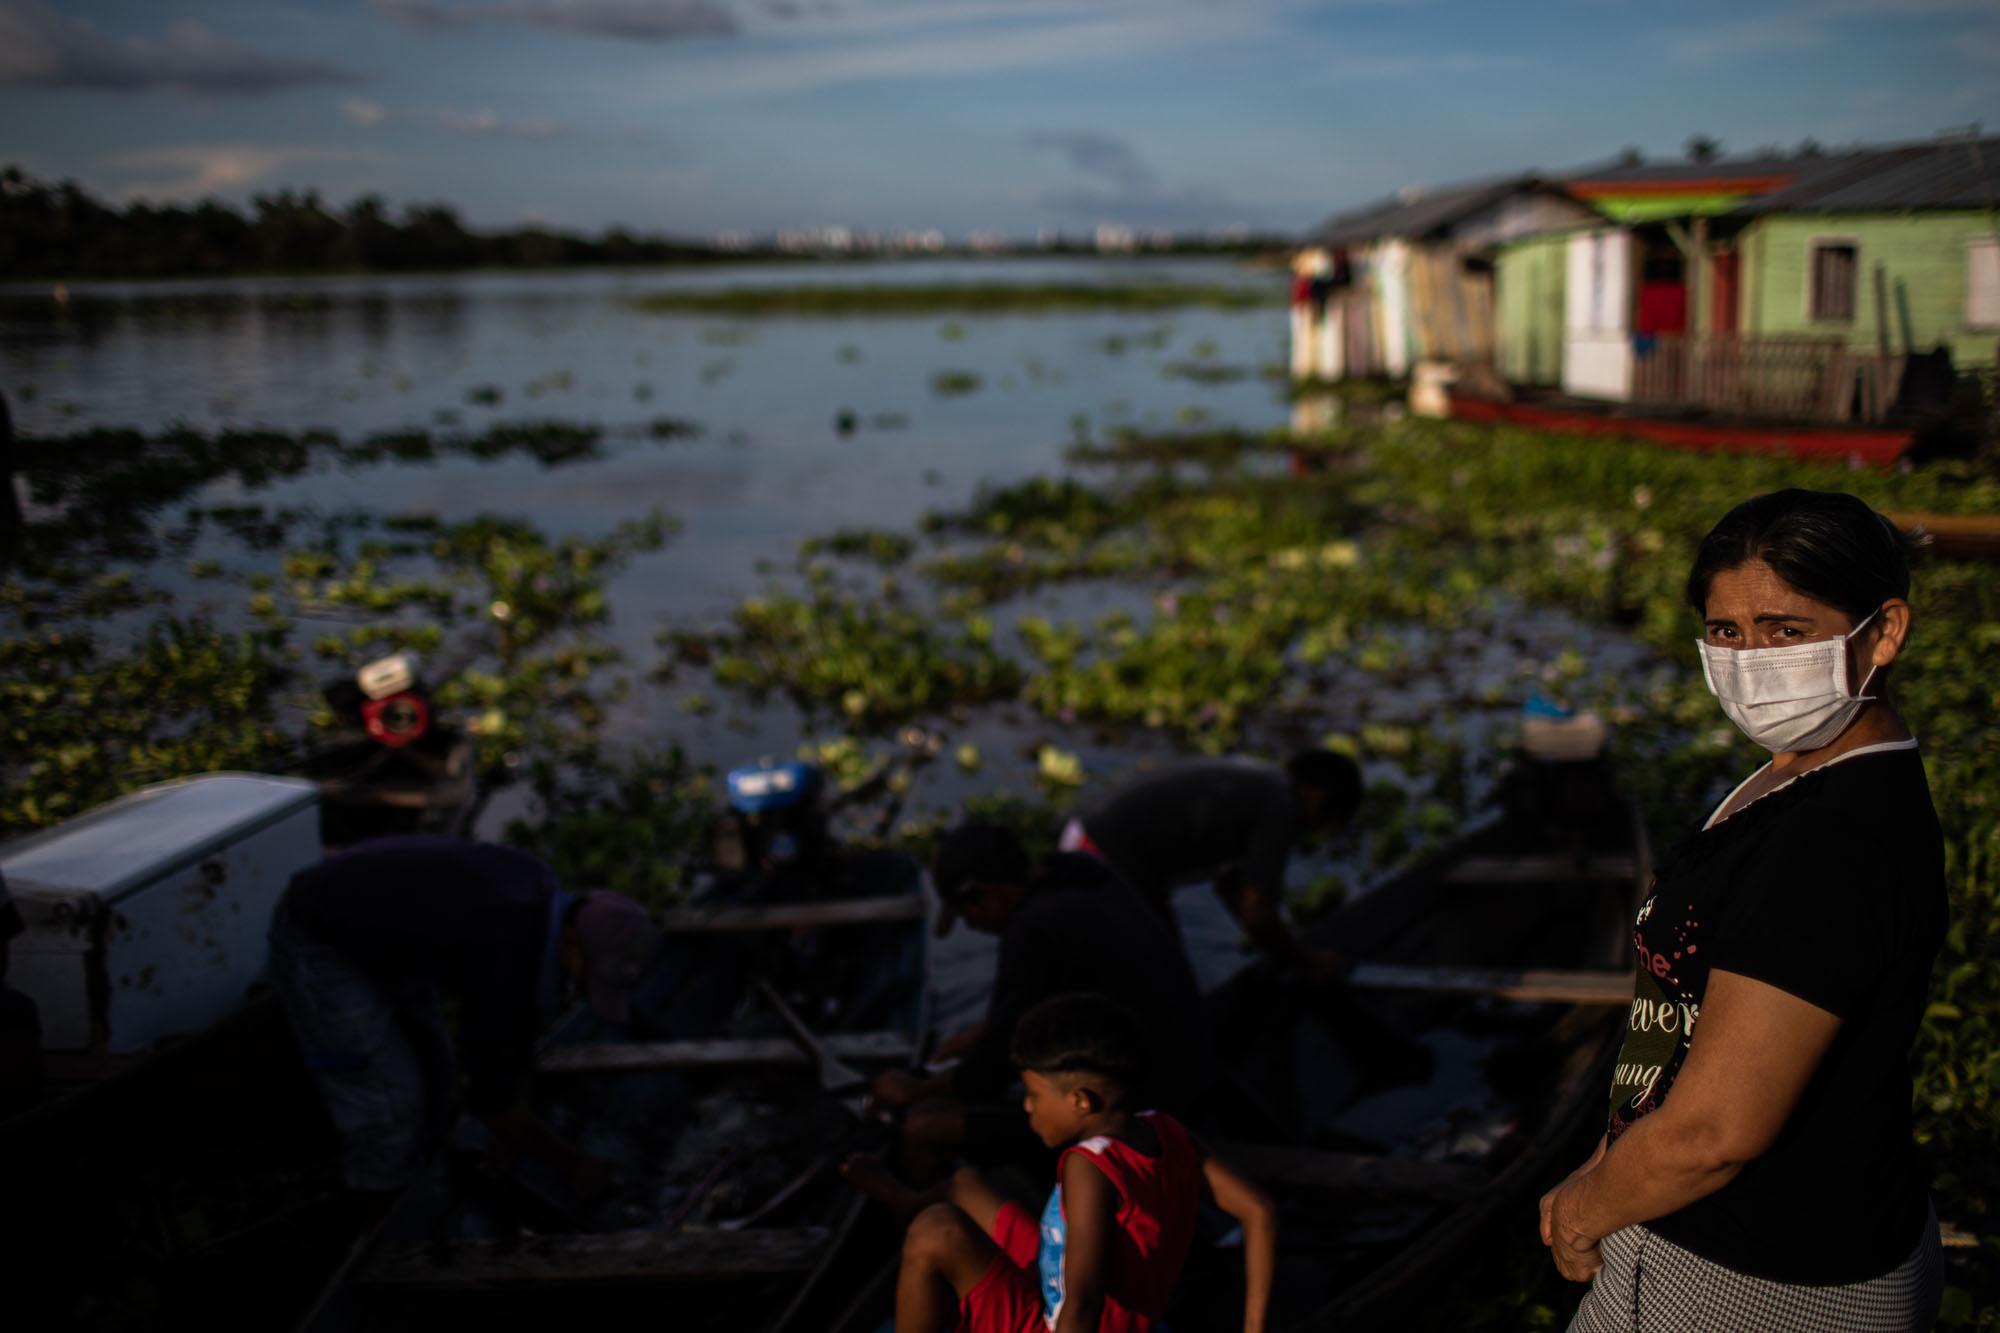 Mulher e criança às margens do Rio Negro: além de fortemente afetado pela pandemia da Covid-19, o Amazonas convive com a possibilidade de cheia recorde de seus rios. (Foto: Raphael Alves/Amazônia Real)